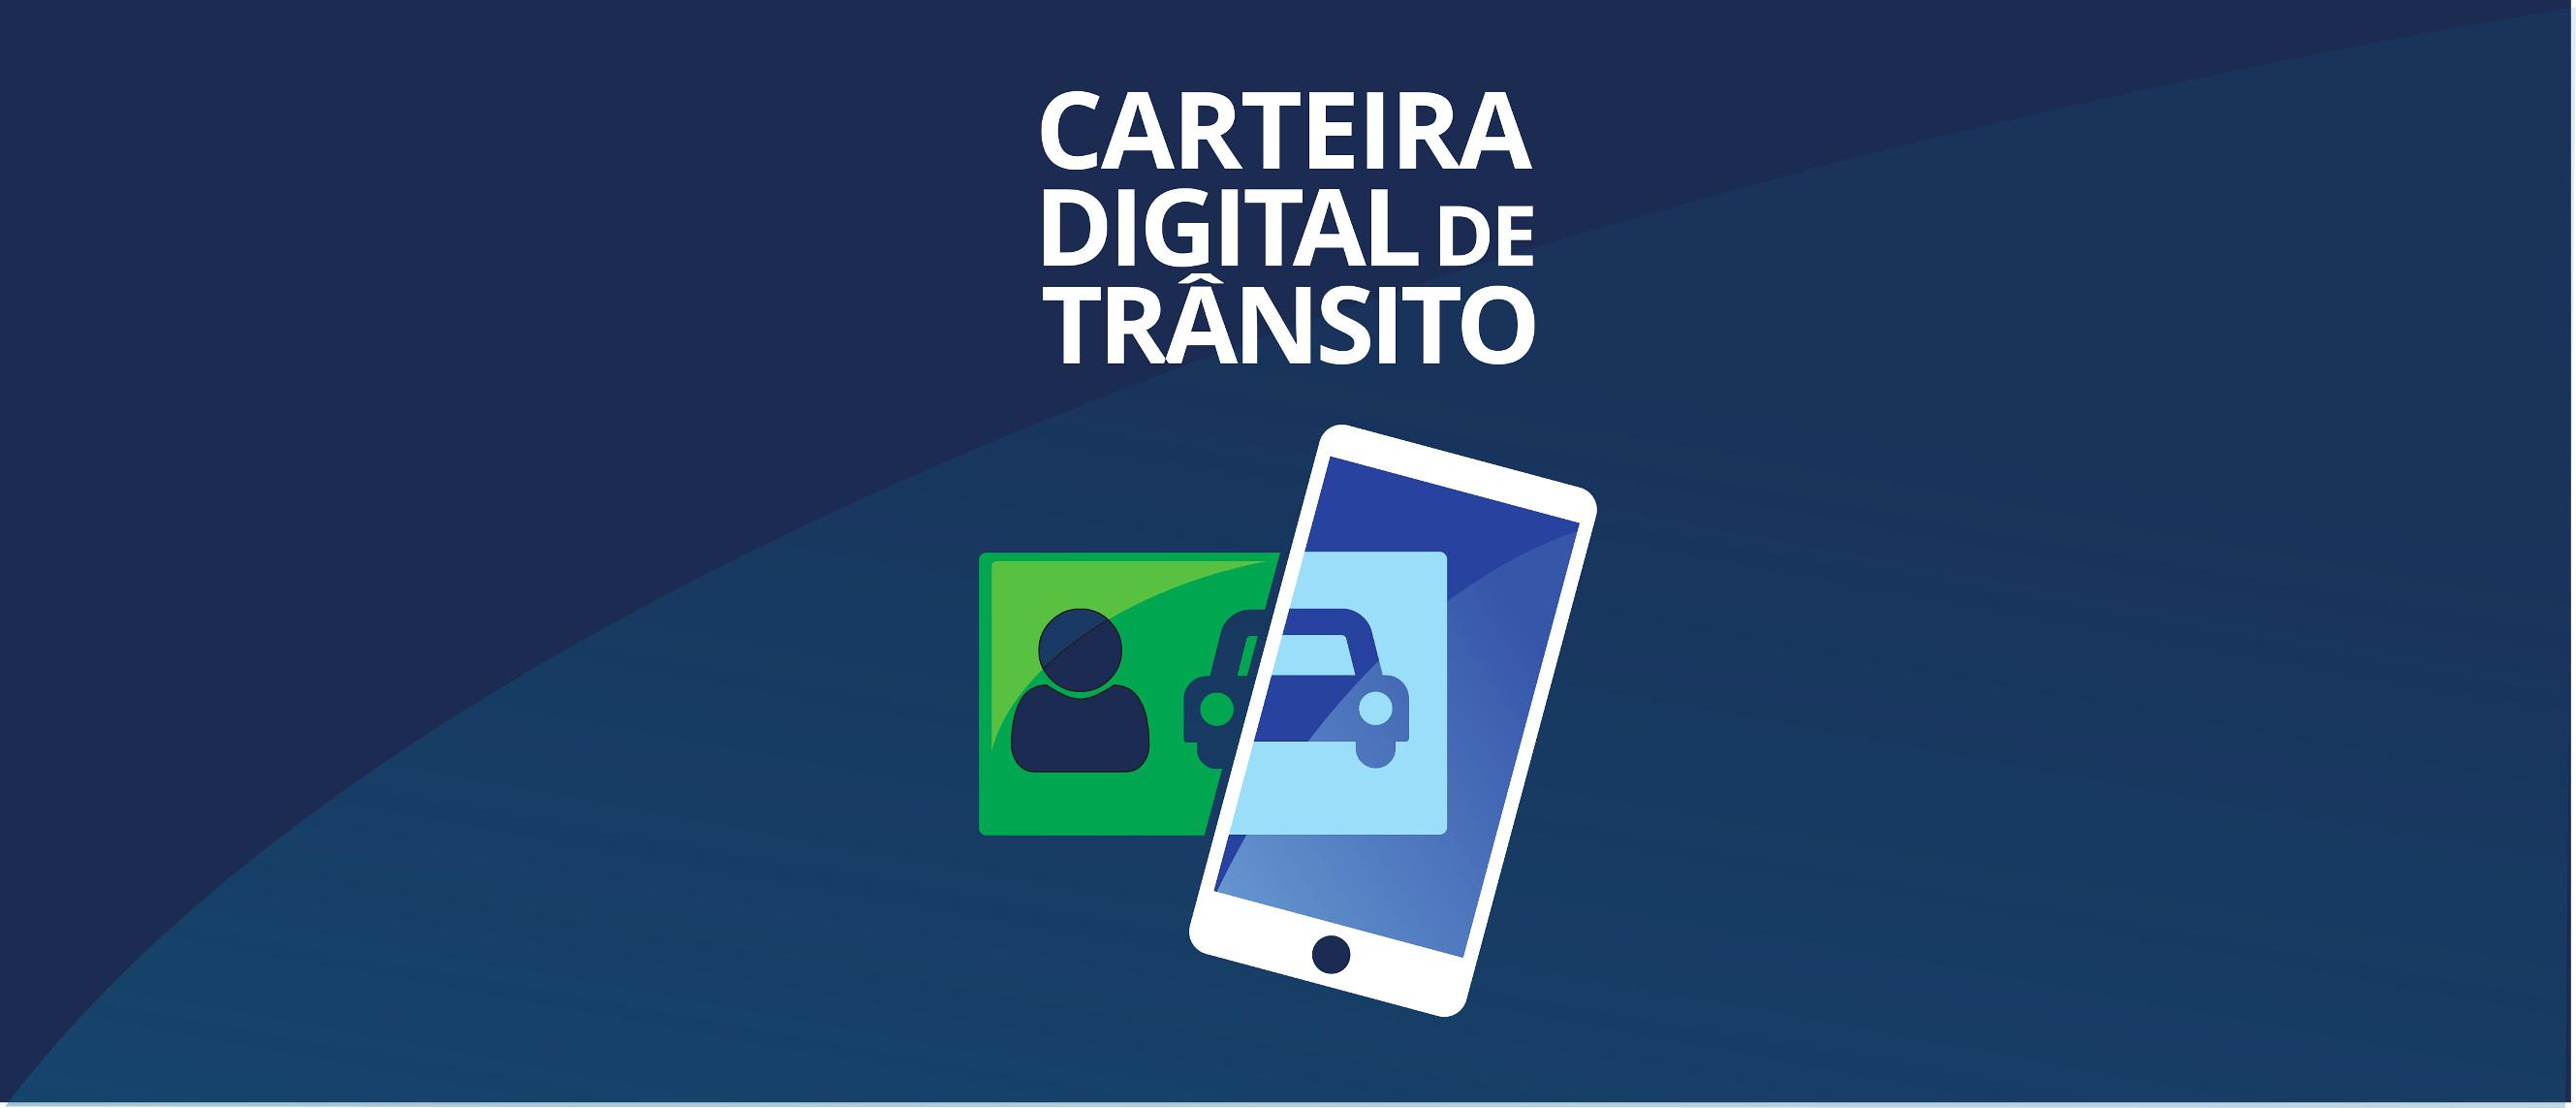 https://www.serpro.gov.br/menu/nosso-portfolio/por-publico/para-cidadao/cnh-digital-1